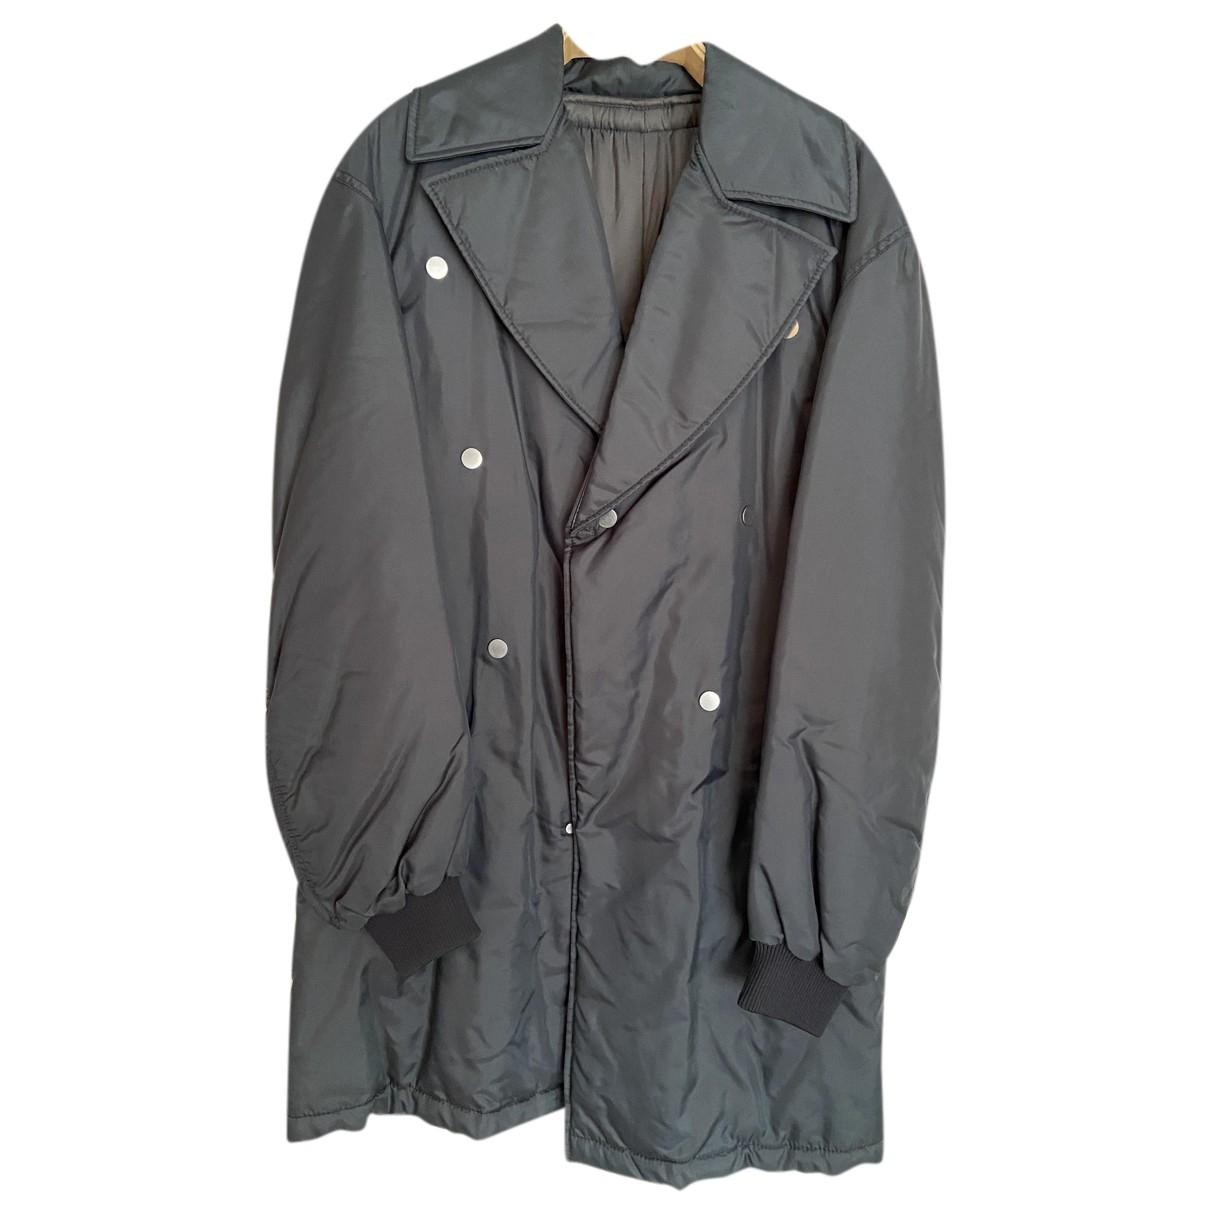 Raf Simons - Manteau   pour homme en toile - gris